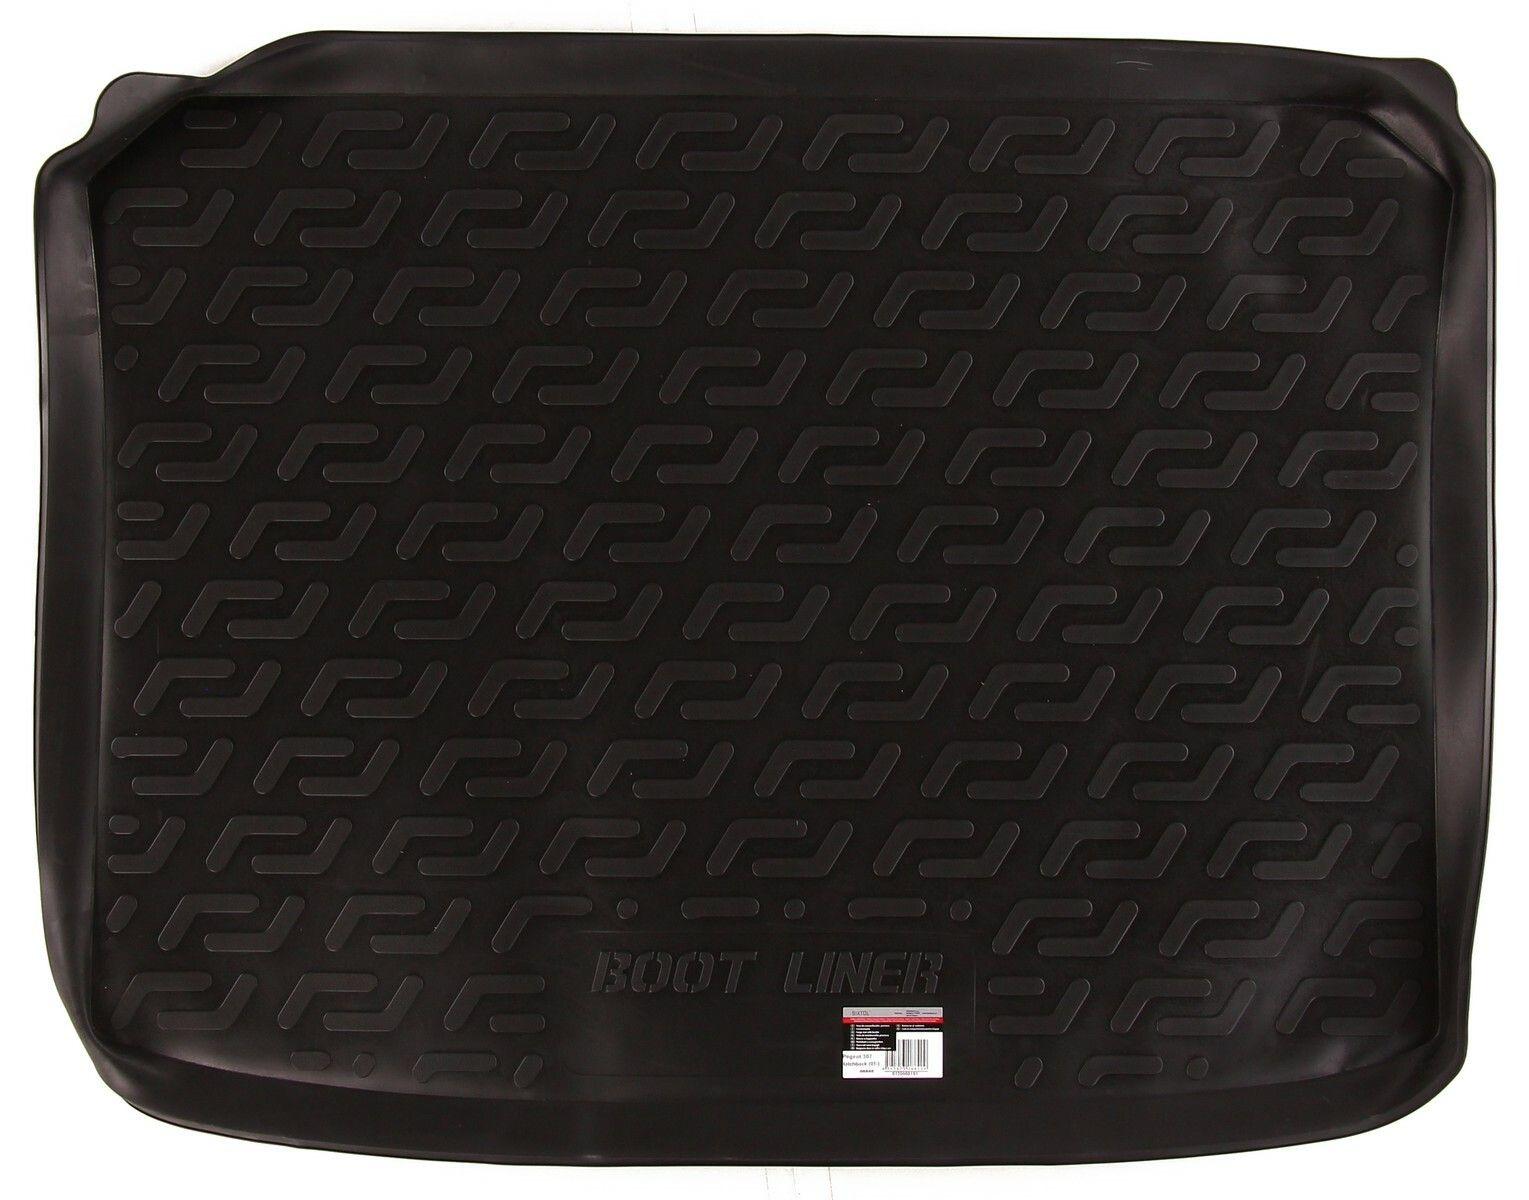 Vana do kufru gumová Peugeot 307 Hatchback (01-) SIXTOL